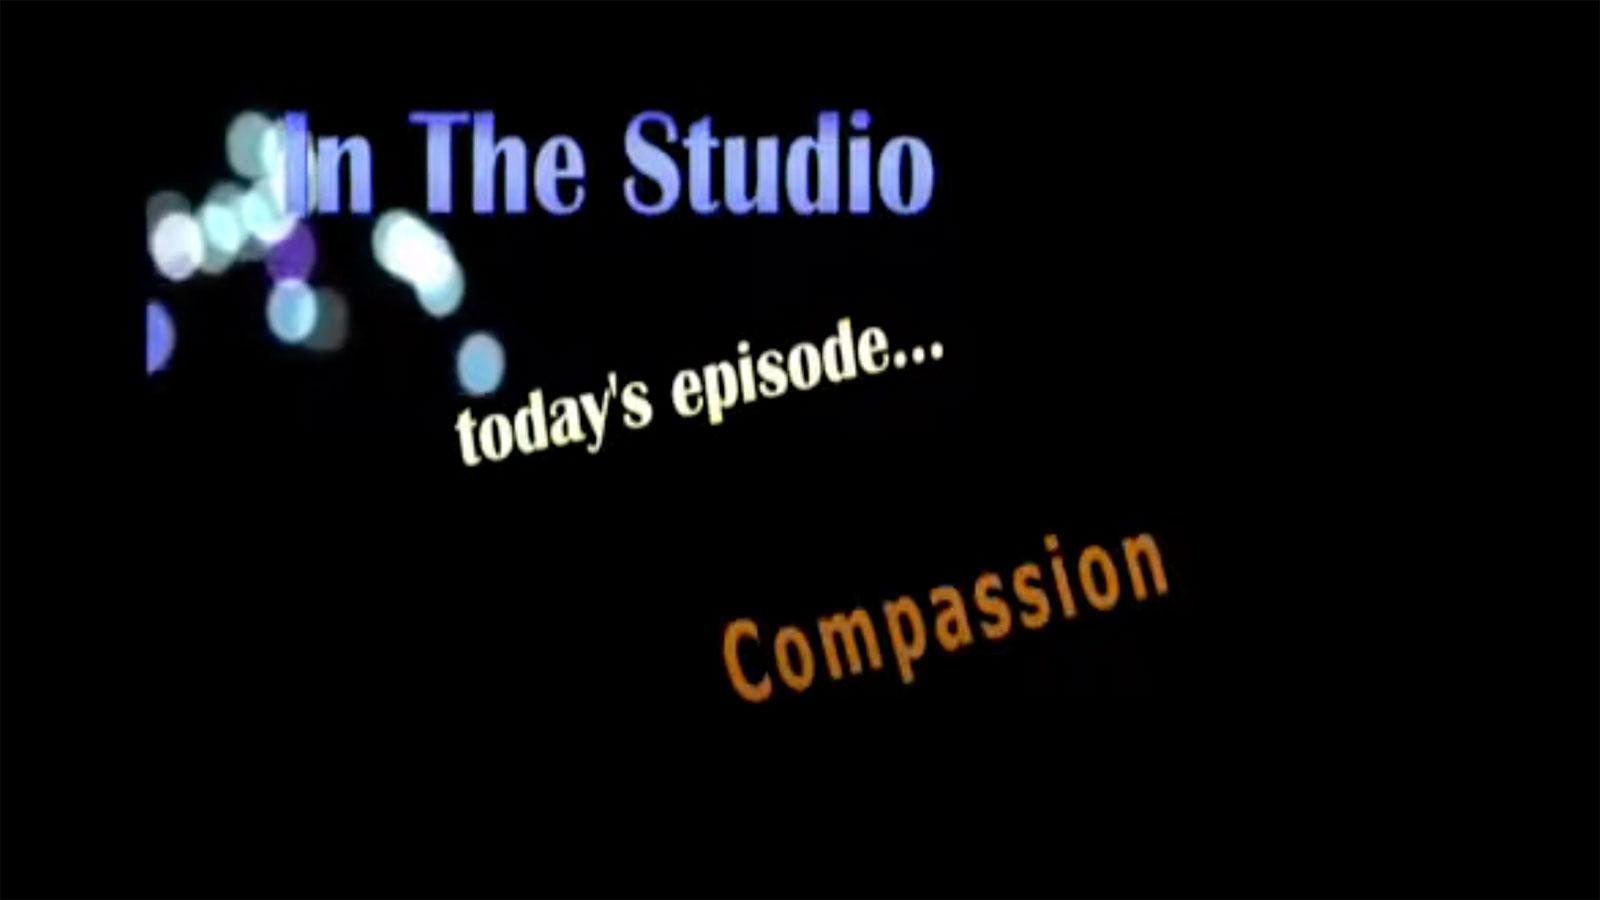 In the Studio: Compassion